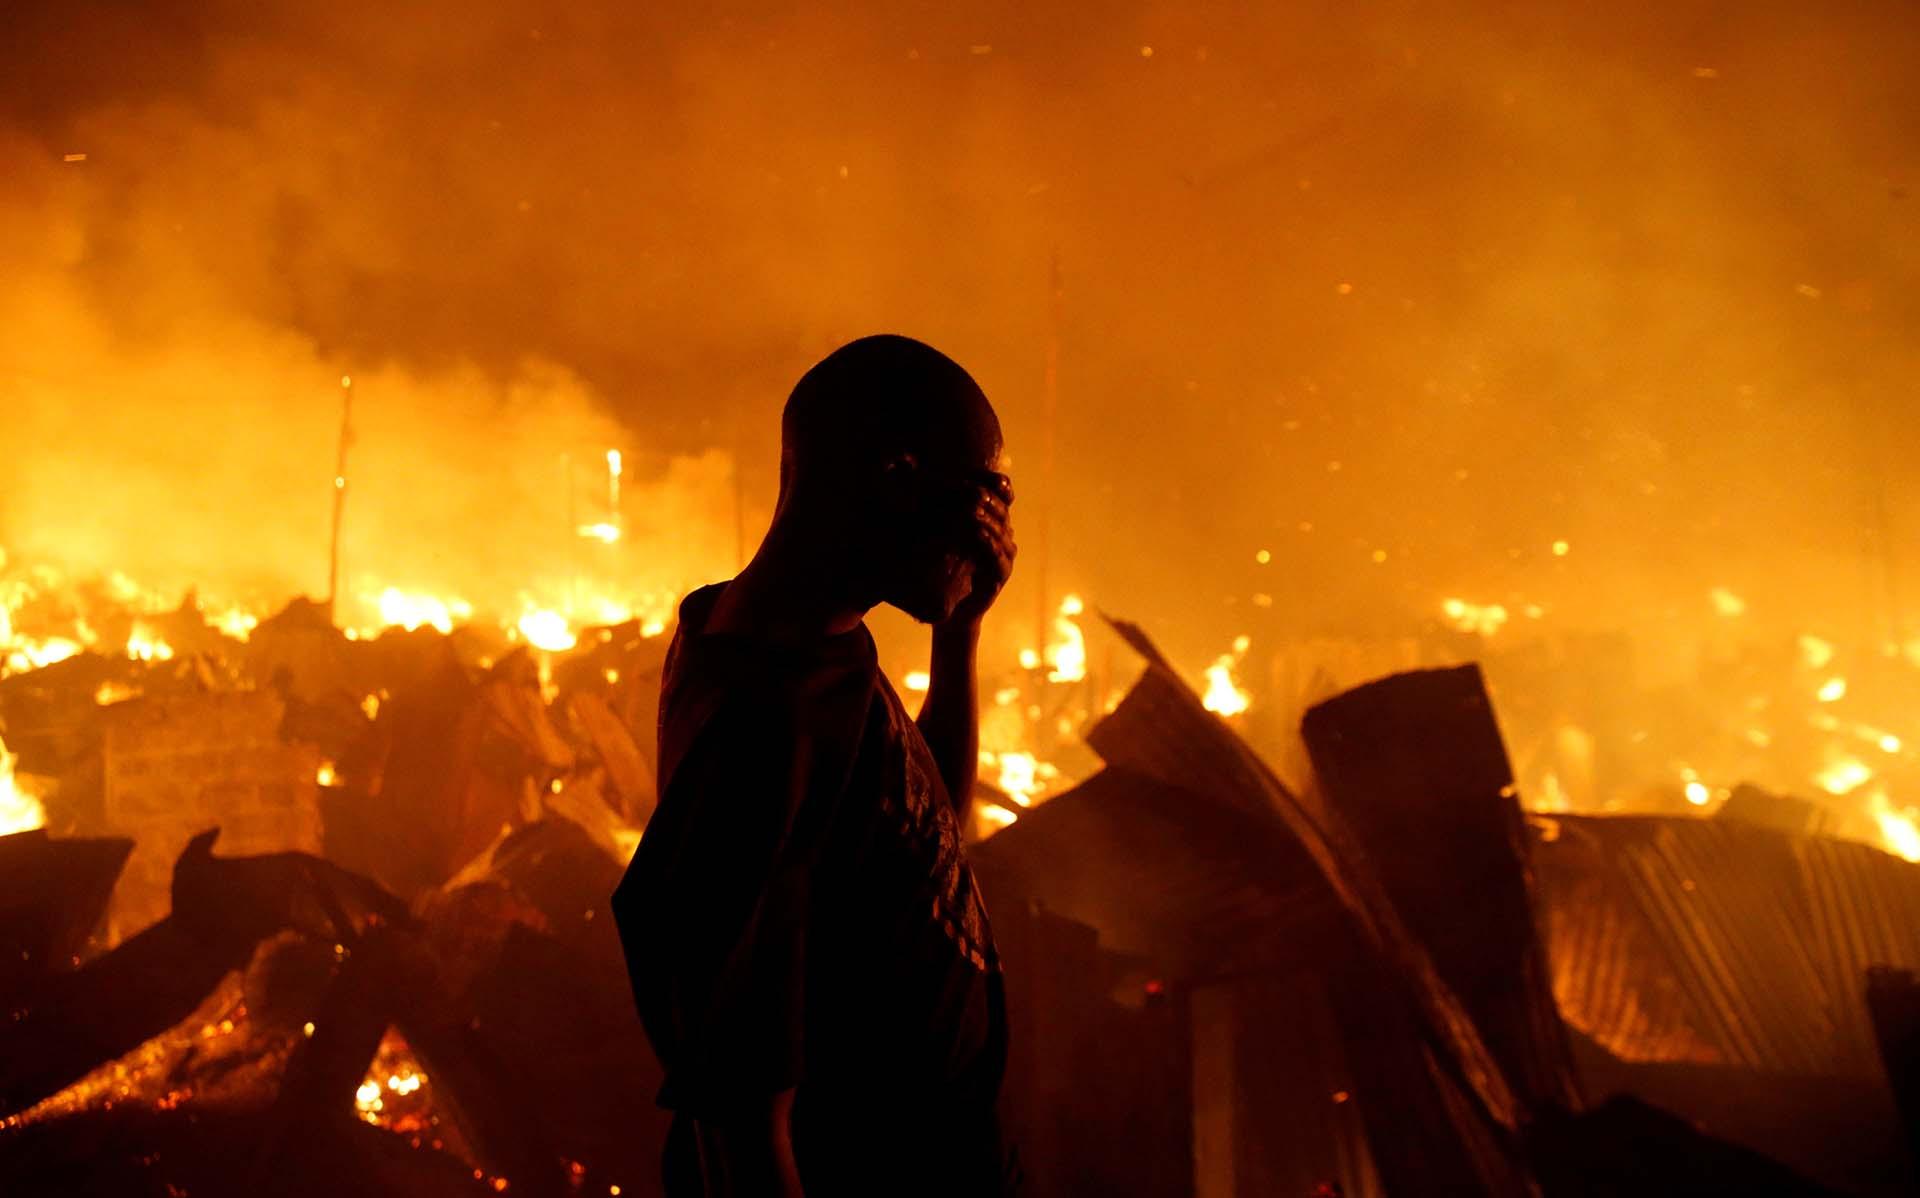 Un residente sufre frente al incendio en la favela de Kijiji en el sur de Nairobi, en Kenia, el 28 de enero